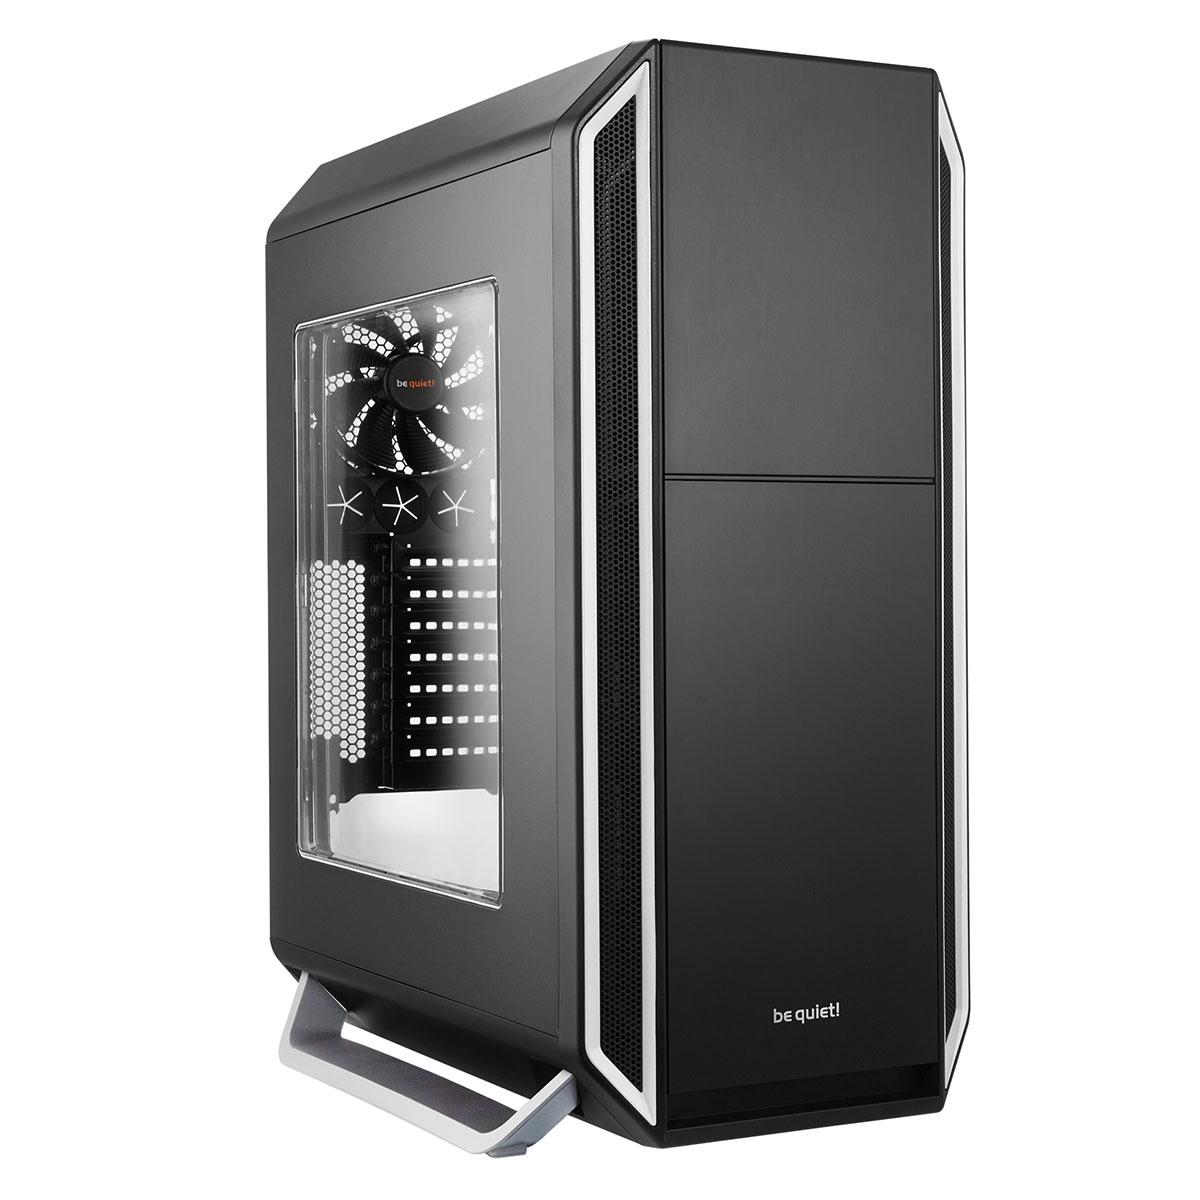 Boîtier PC be quiet! Silent Base 800 Window (Noir/Argent) Boîtier grand tour avec fenêtre